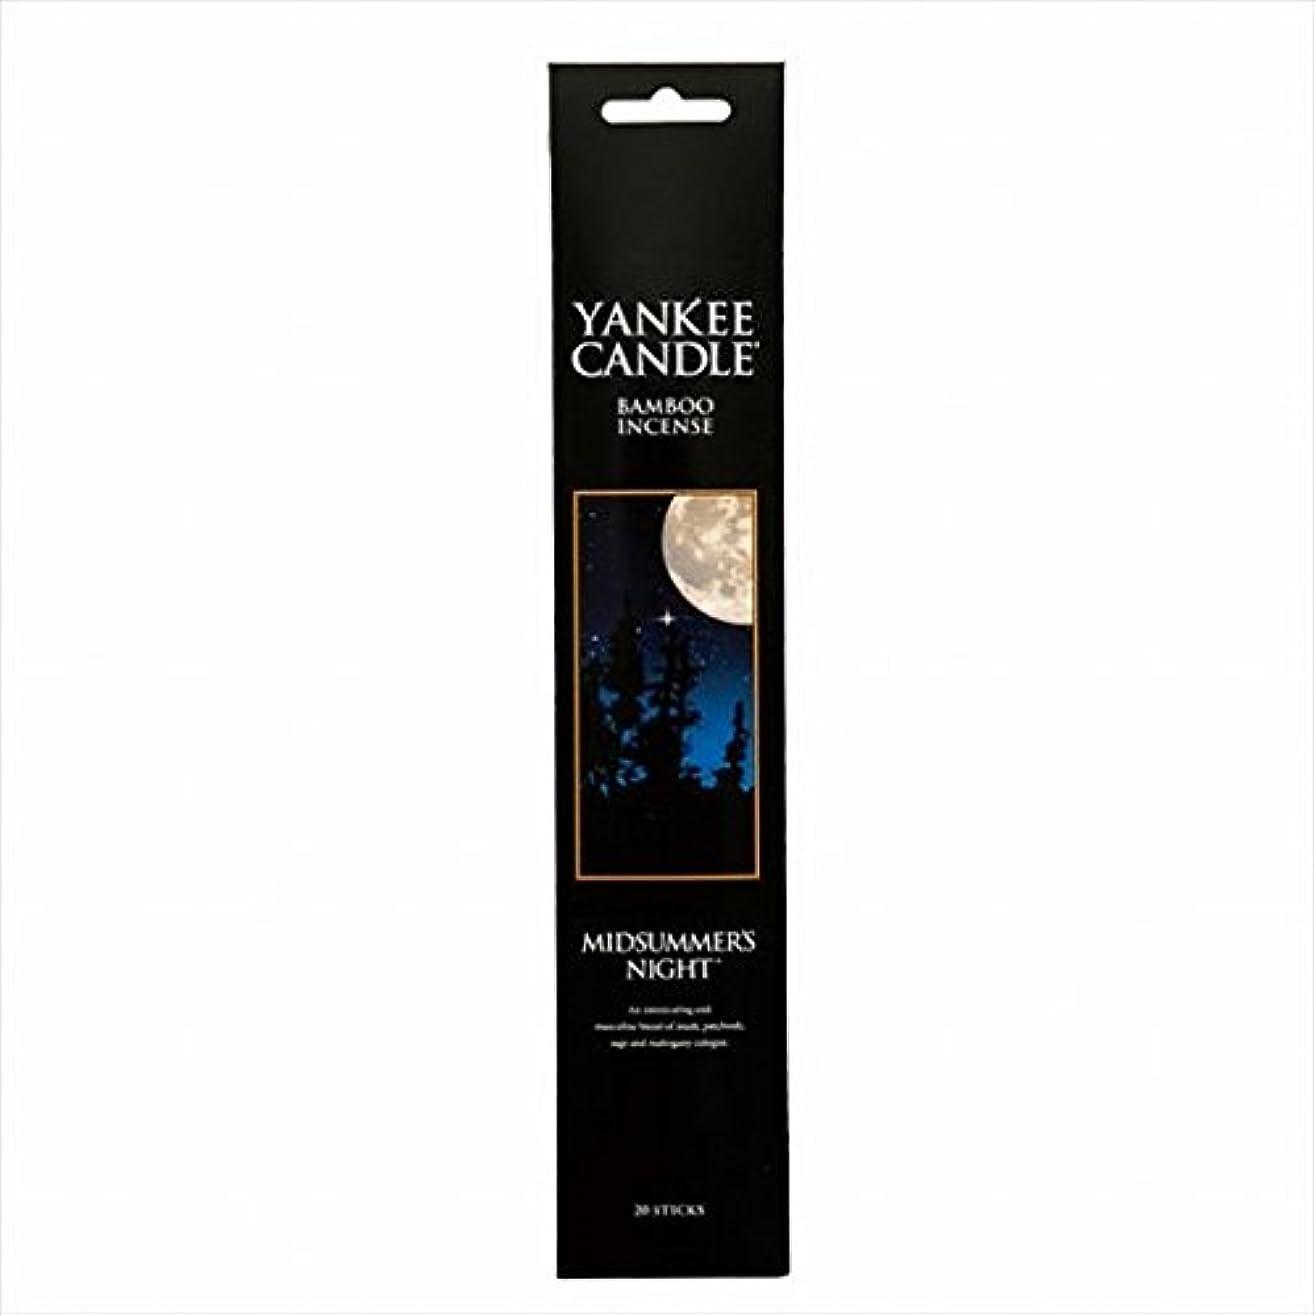 累積完璧なオーチャードカメヤマキャンドル( kameyama candle ) YANKEE CANDLE バンブーインセンス 「 ミッドサマーズナイト 」